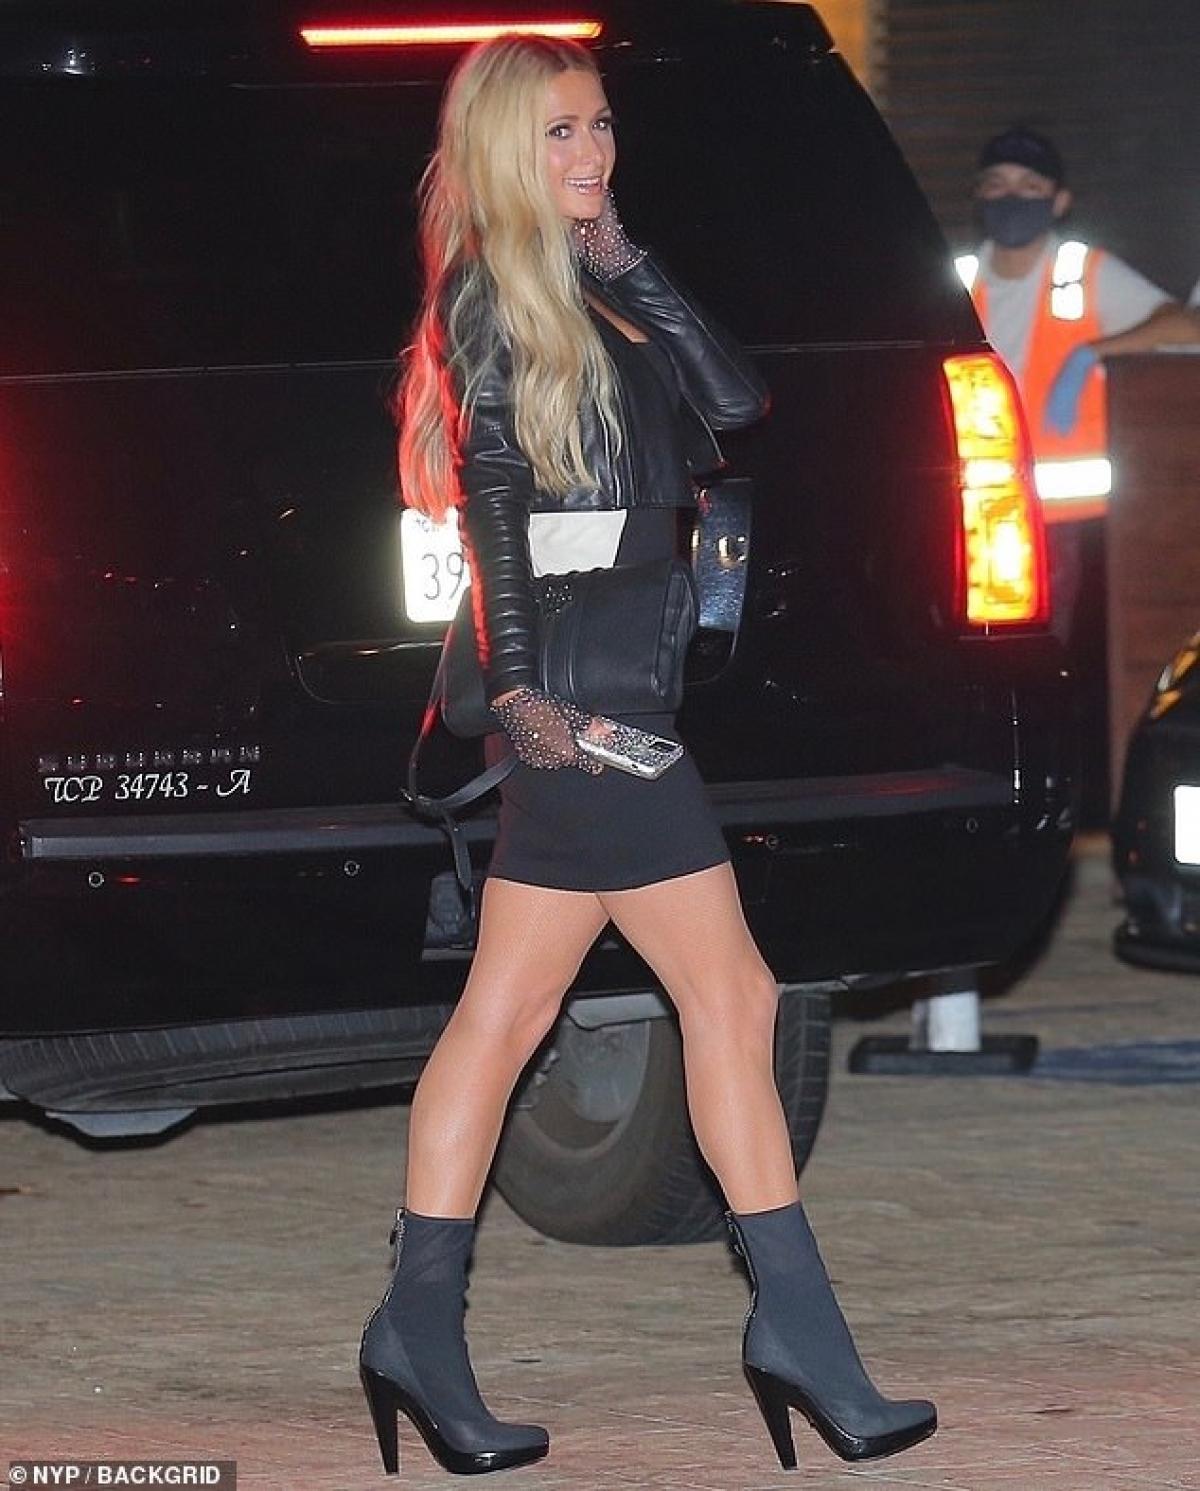 Những ngày giãn cách xã hội vừa qua giúp cho tình yêu mới của Paris Hilton và bạn trai thêm mặn nồng.